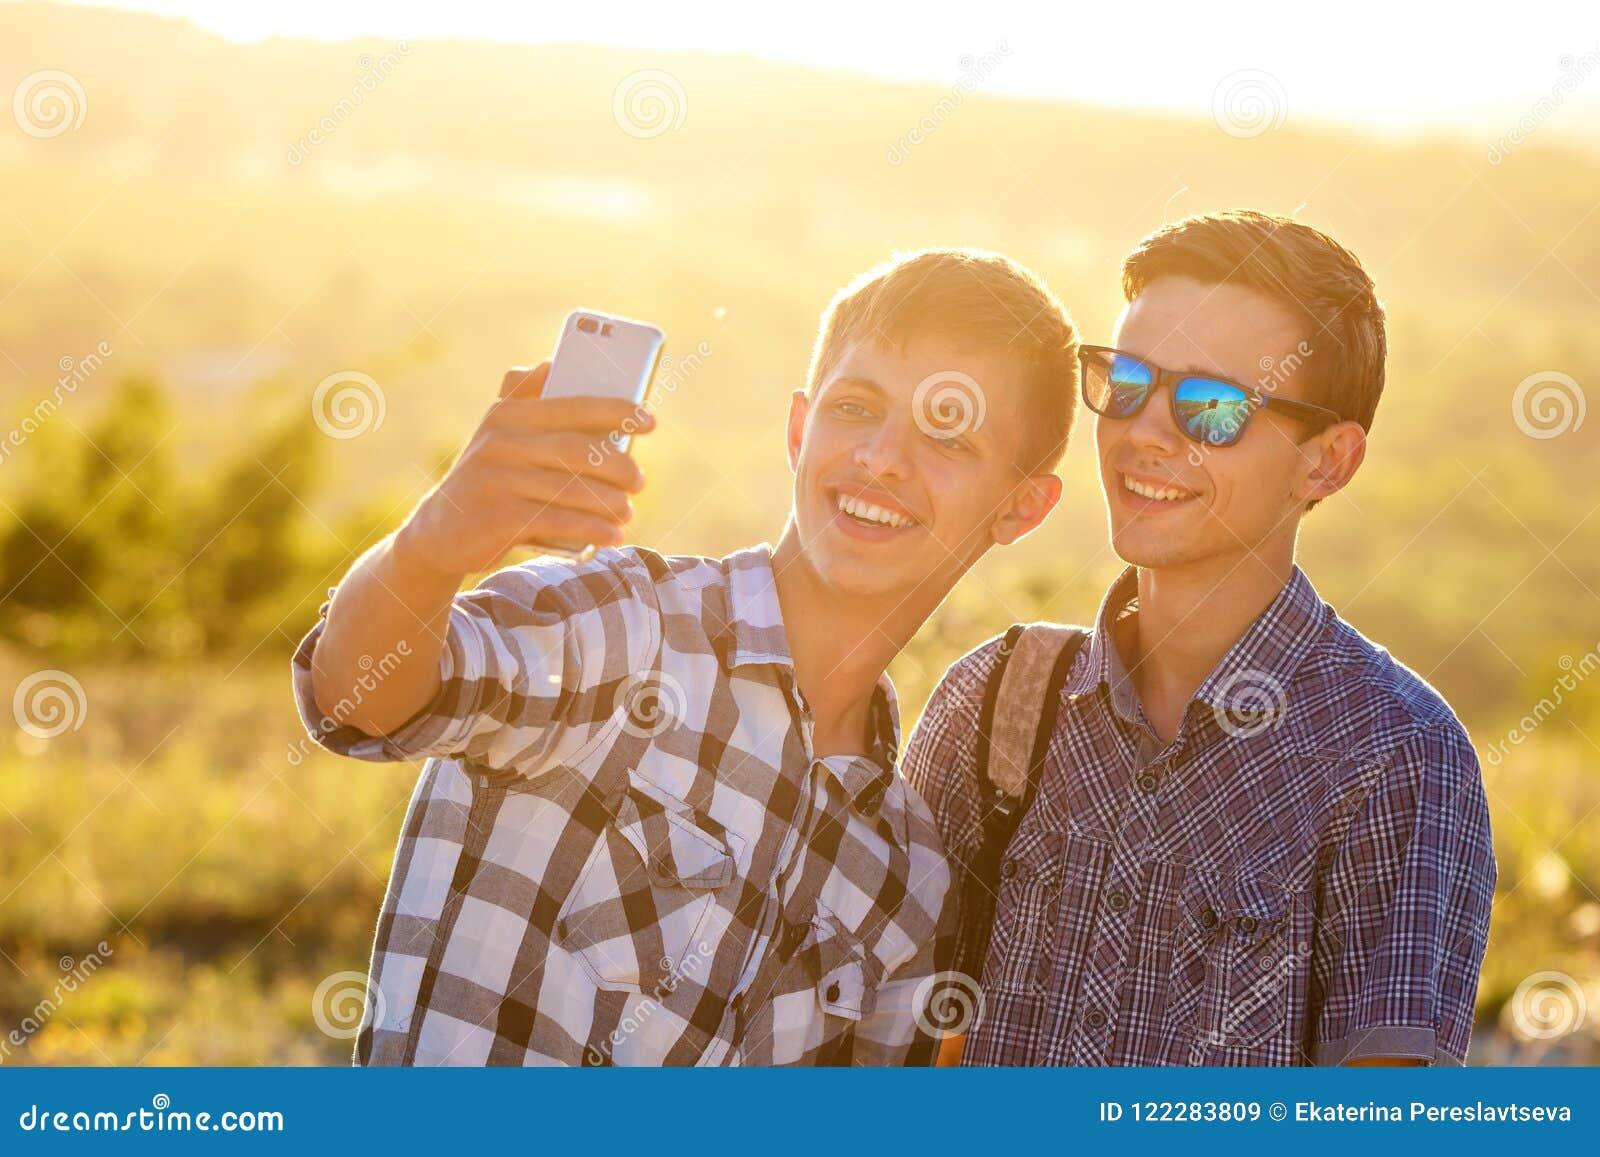 Δύο χαριτωμένοι τύποι παίρνουν selfies τους ευτυχείς φίλους φωτογραφίζονται στο τηλέφωνο